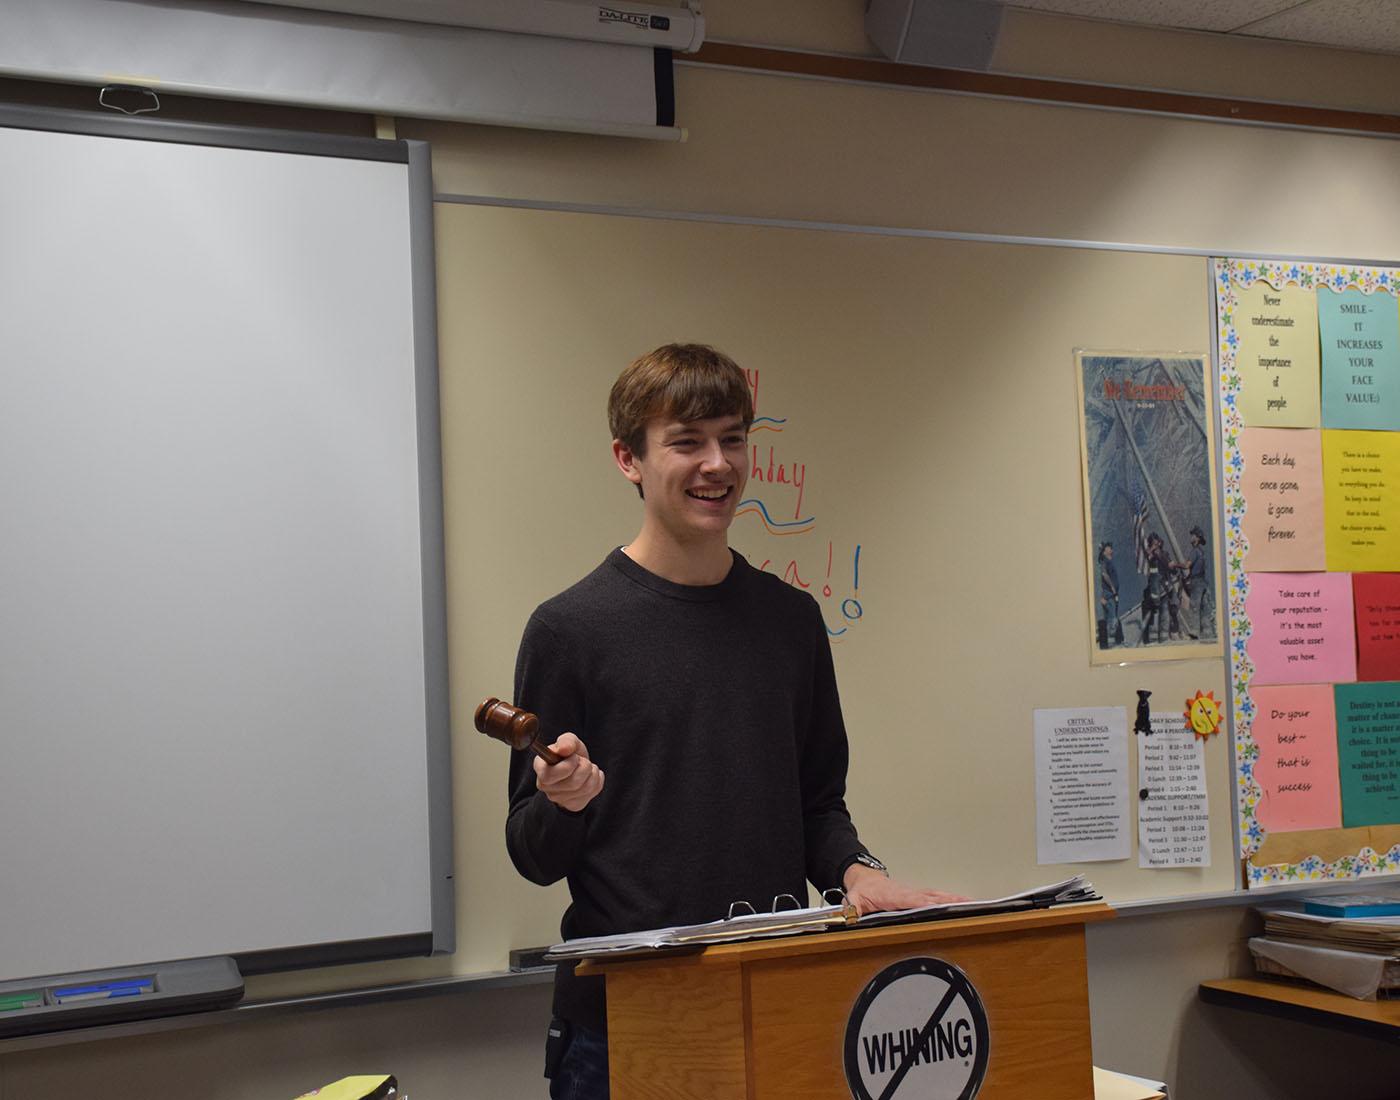 Senior captain Joey Bruegemeier addresses the group